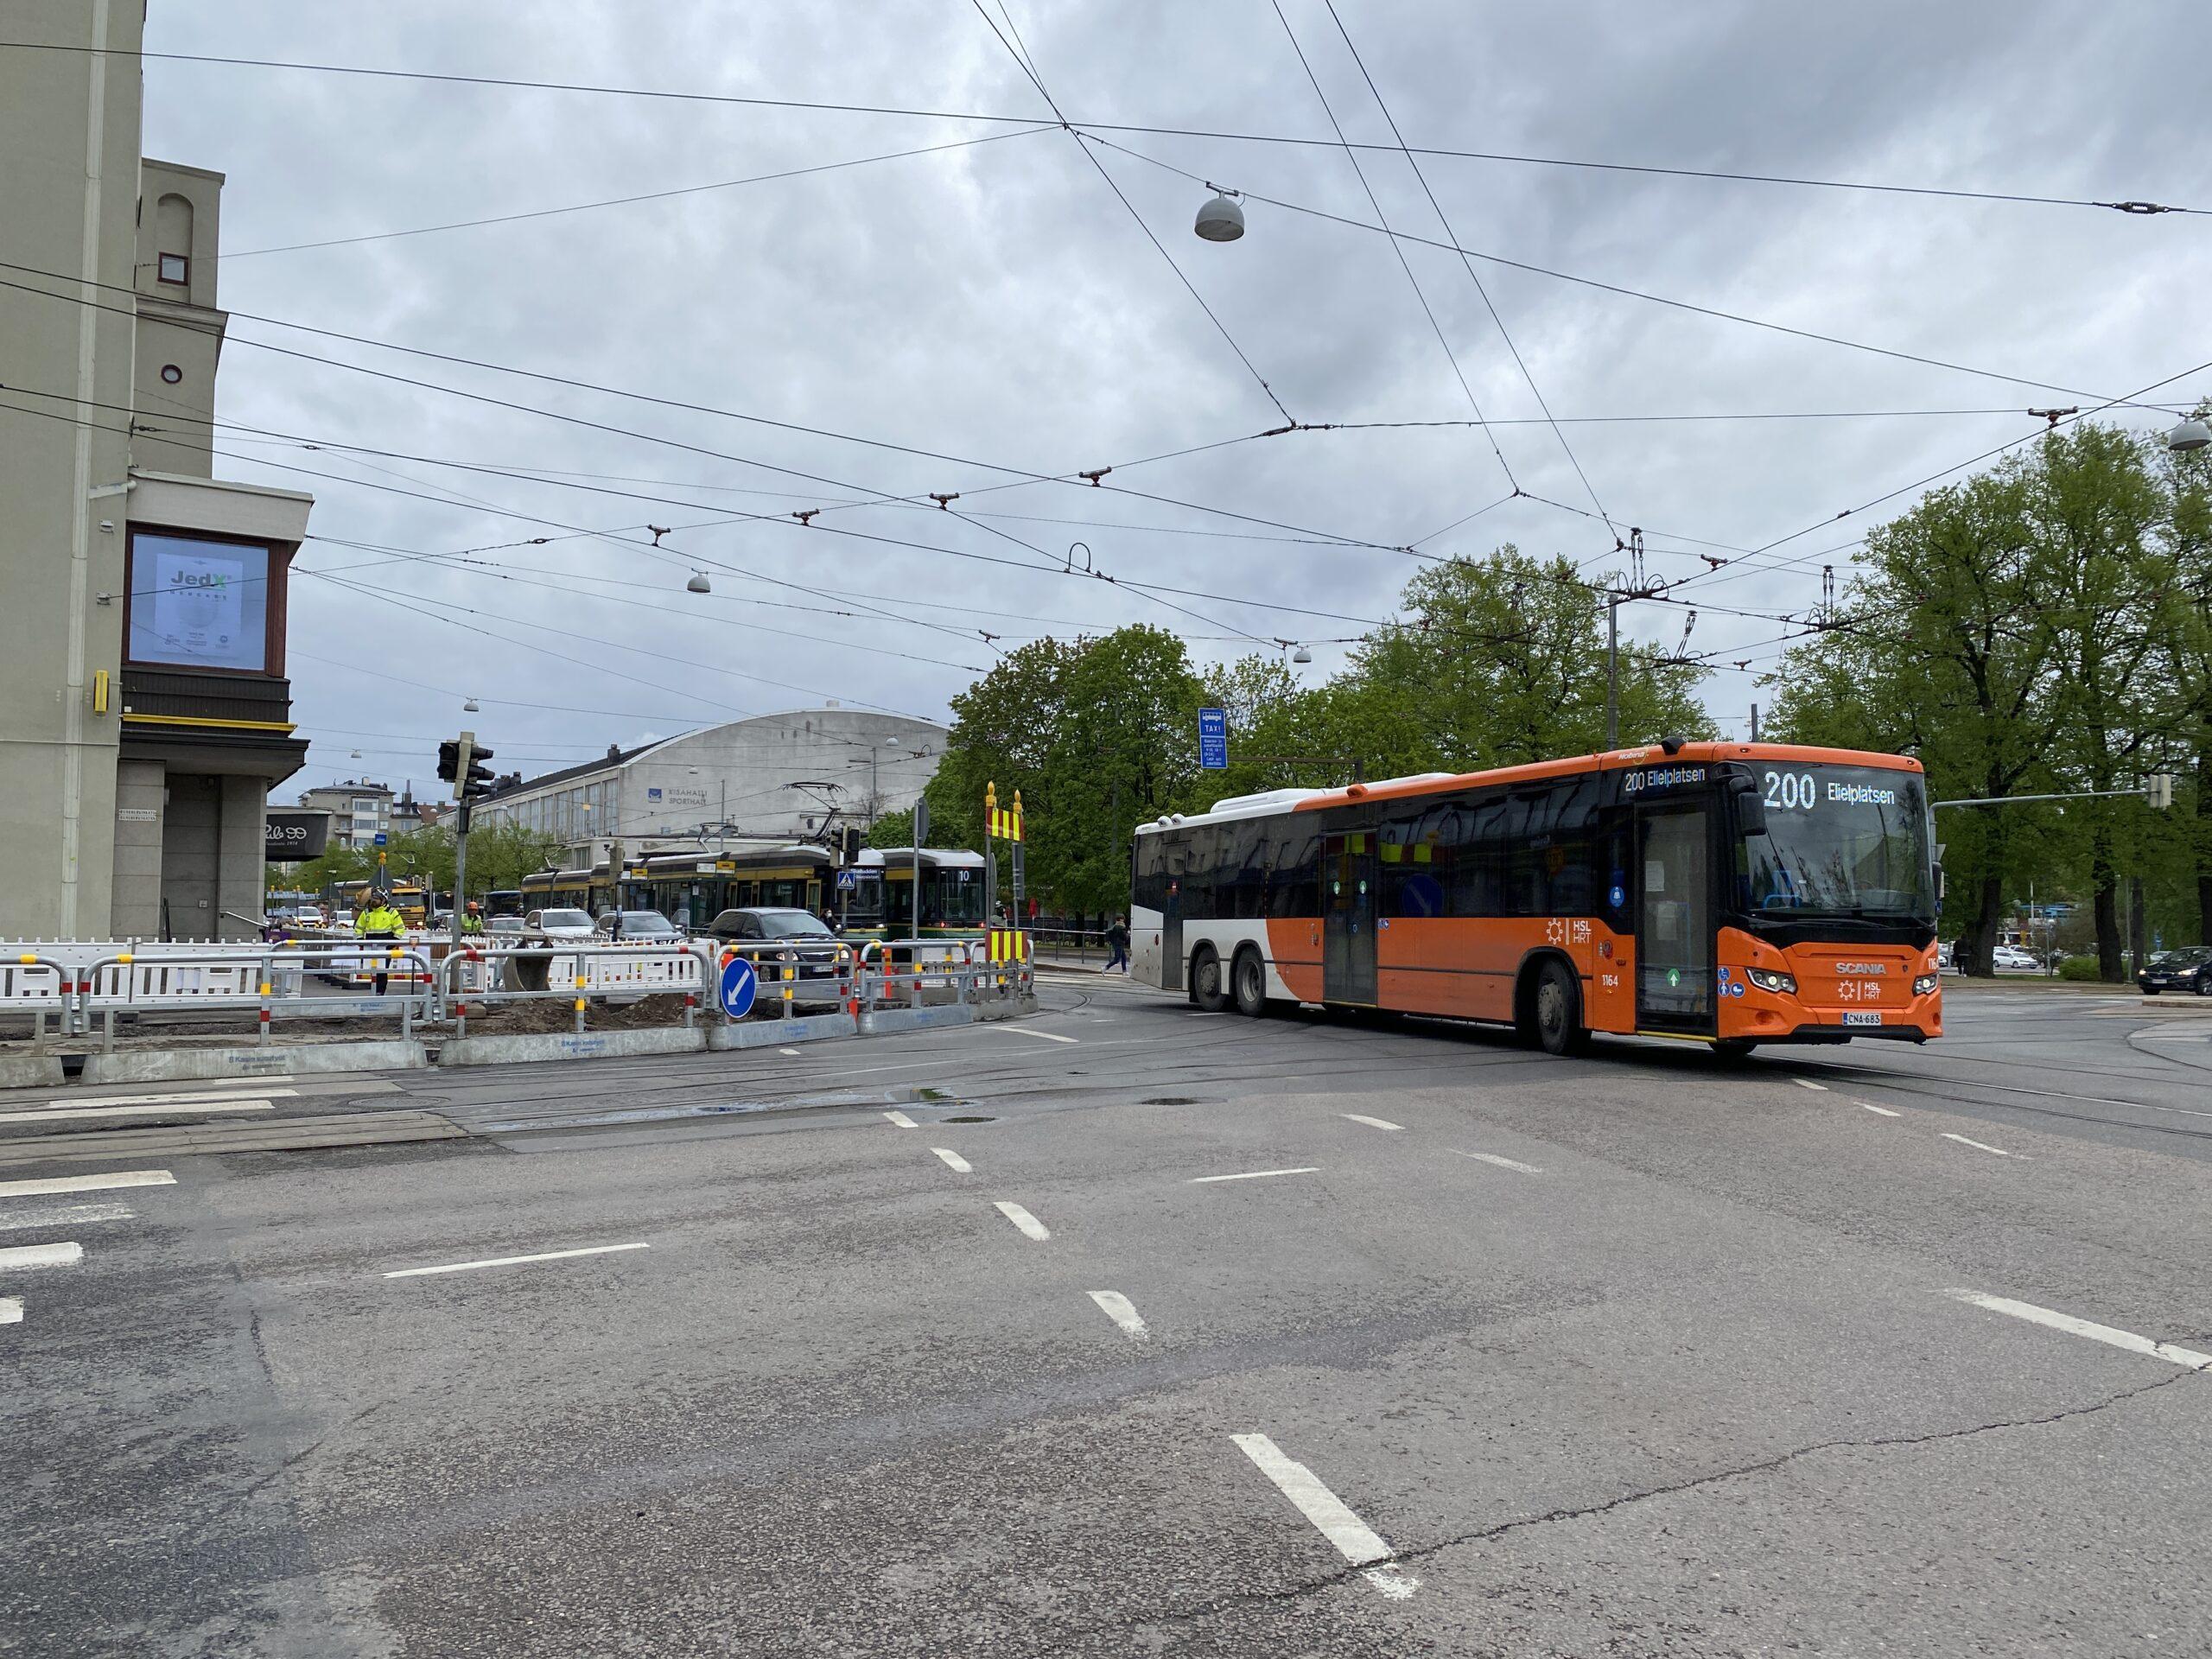 Liikennettä Runeberginkadun ja Mannerheimintien risteyksessä toukokuussa